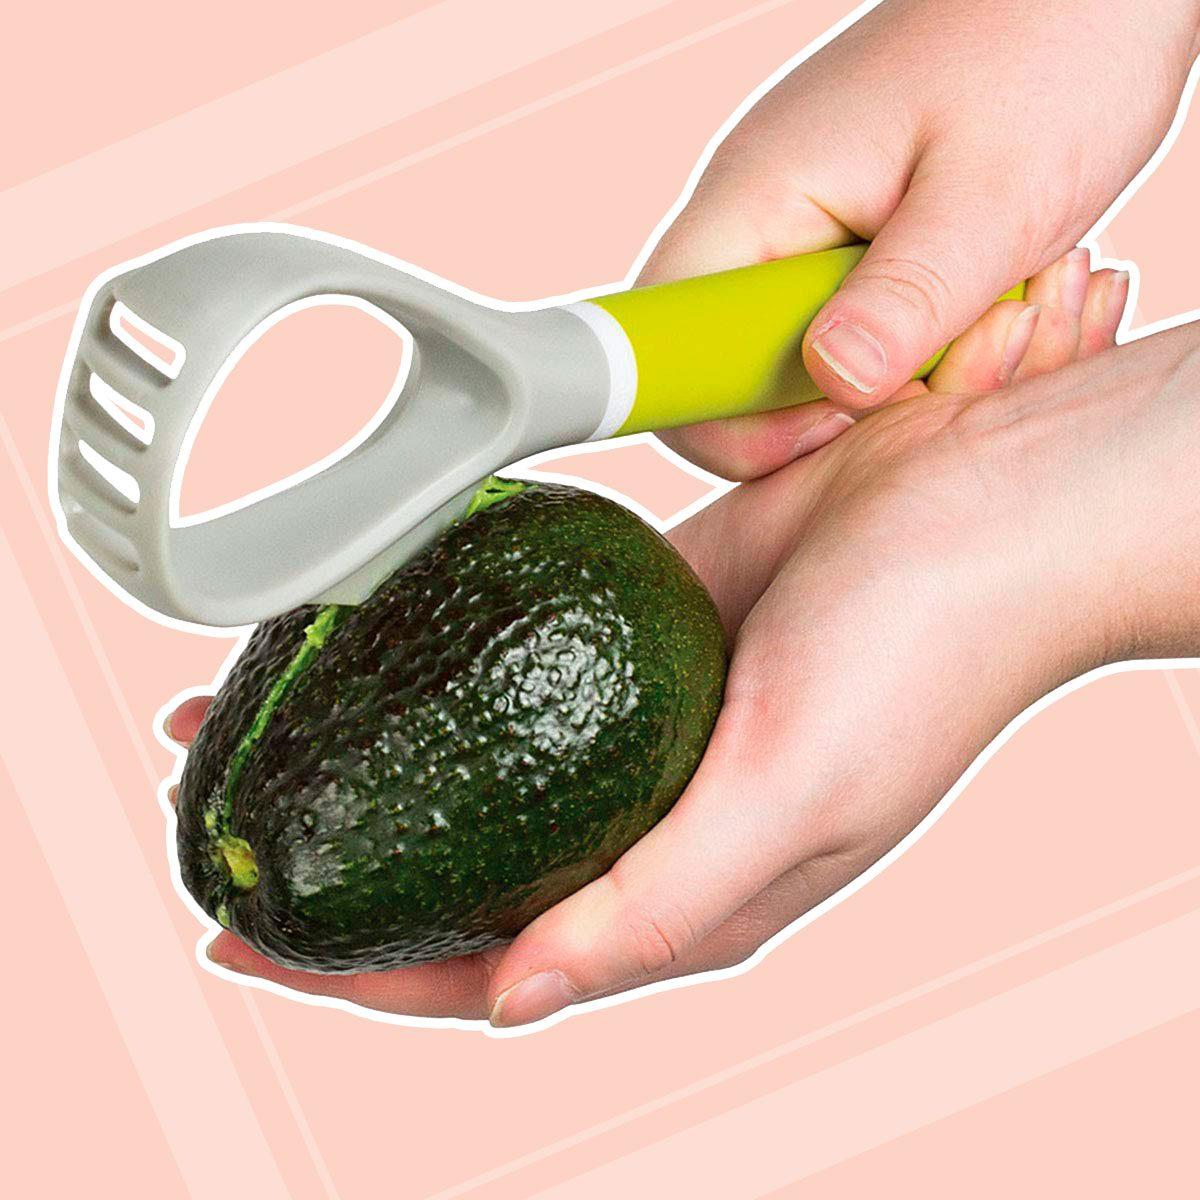 Avocado slicer knife